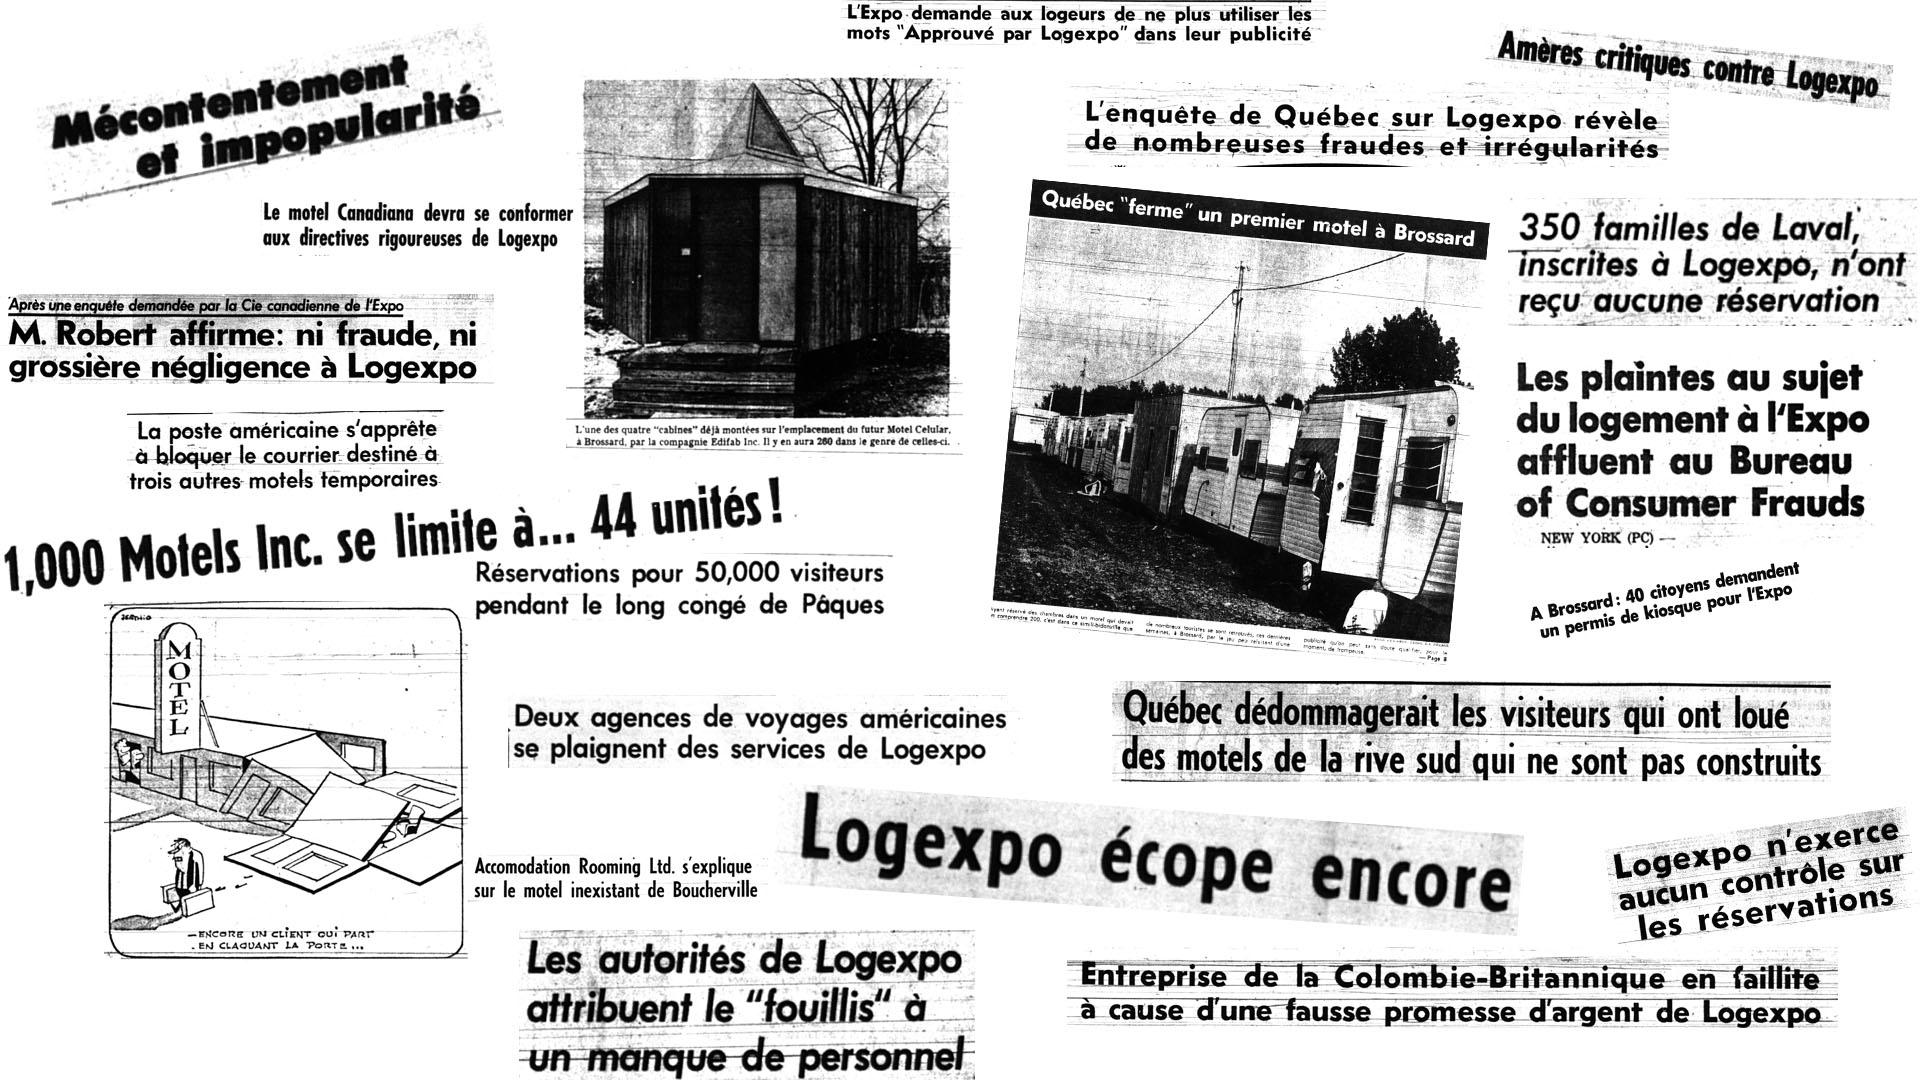 Collage de grands titres de journaux concernant Logexpo